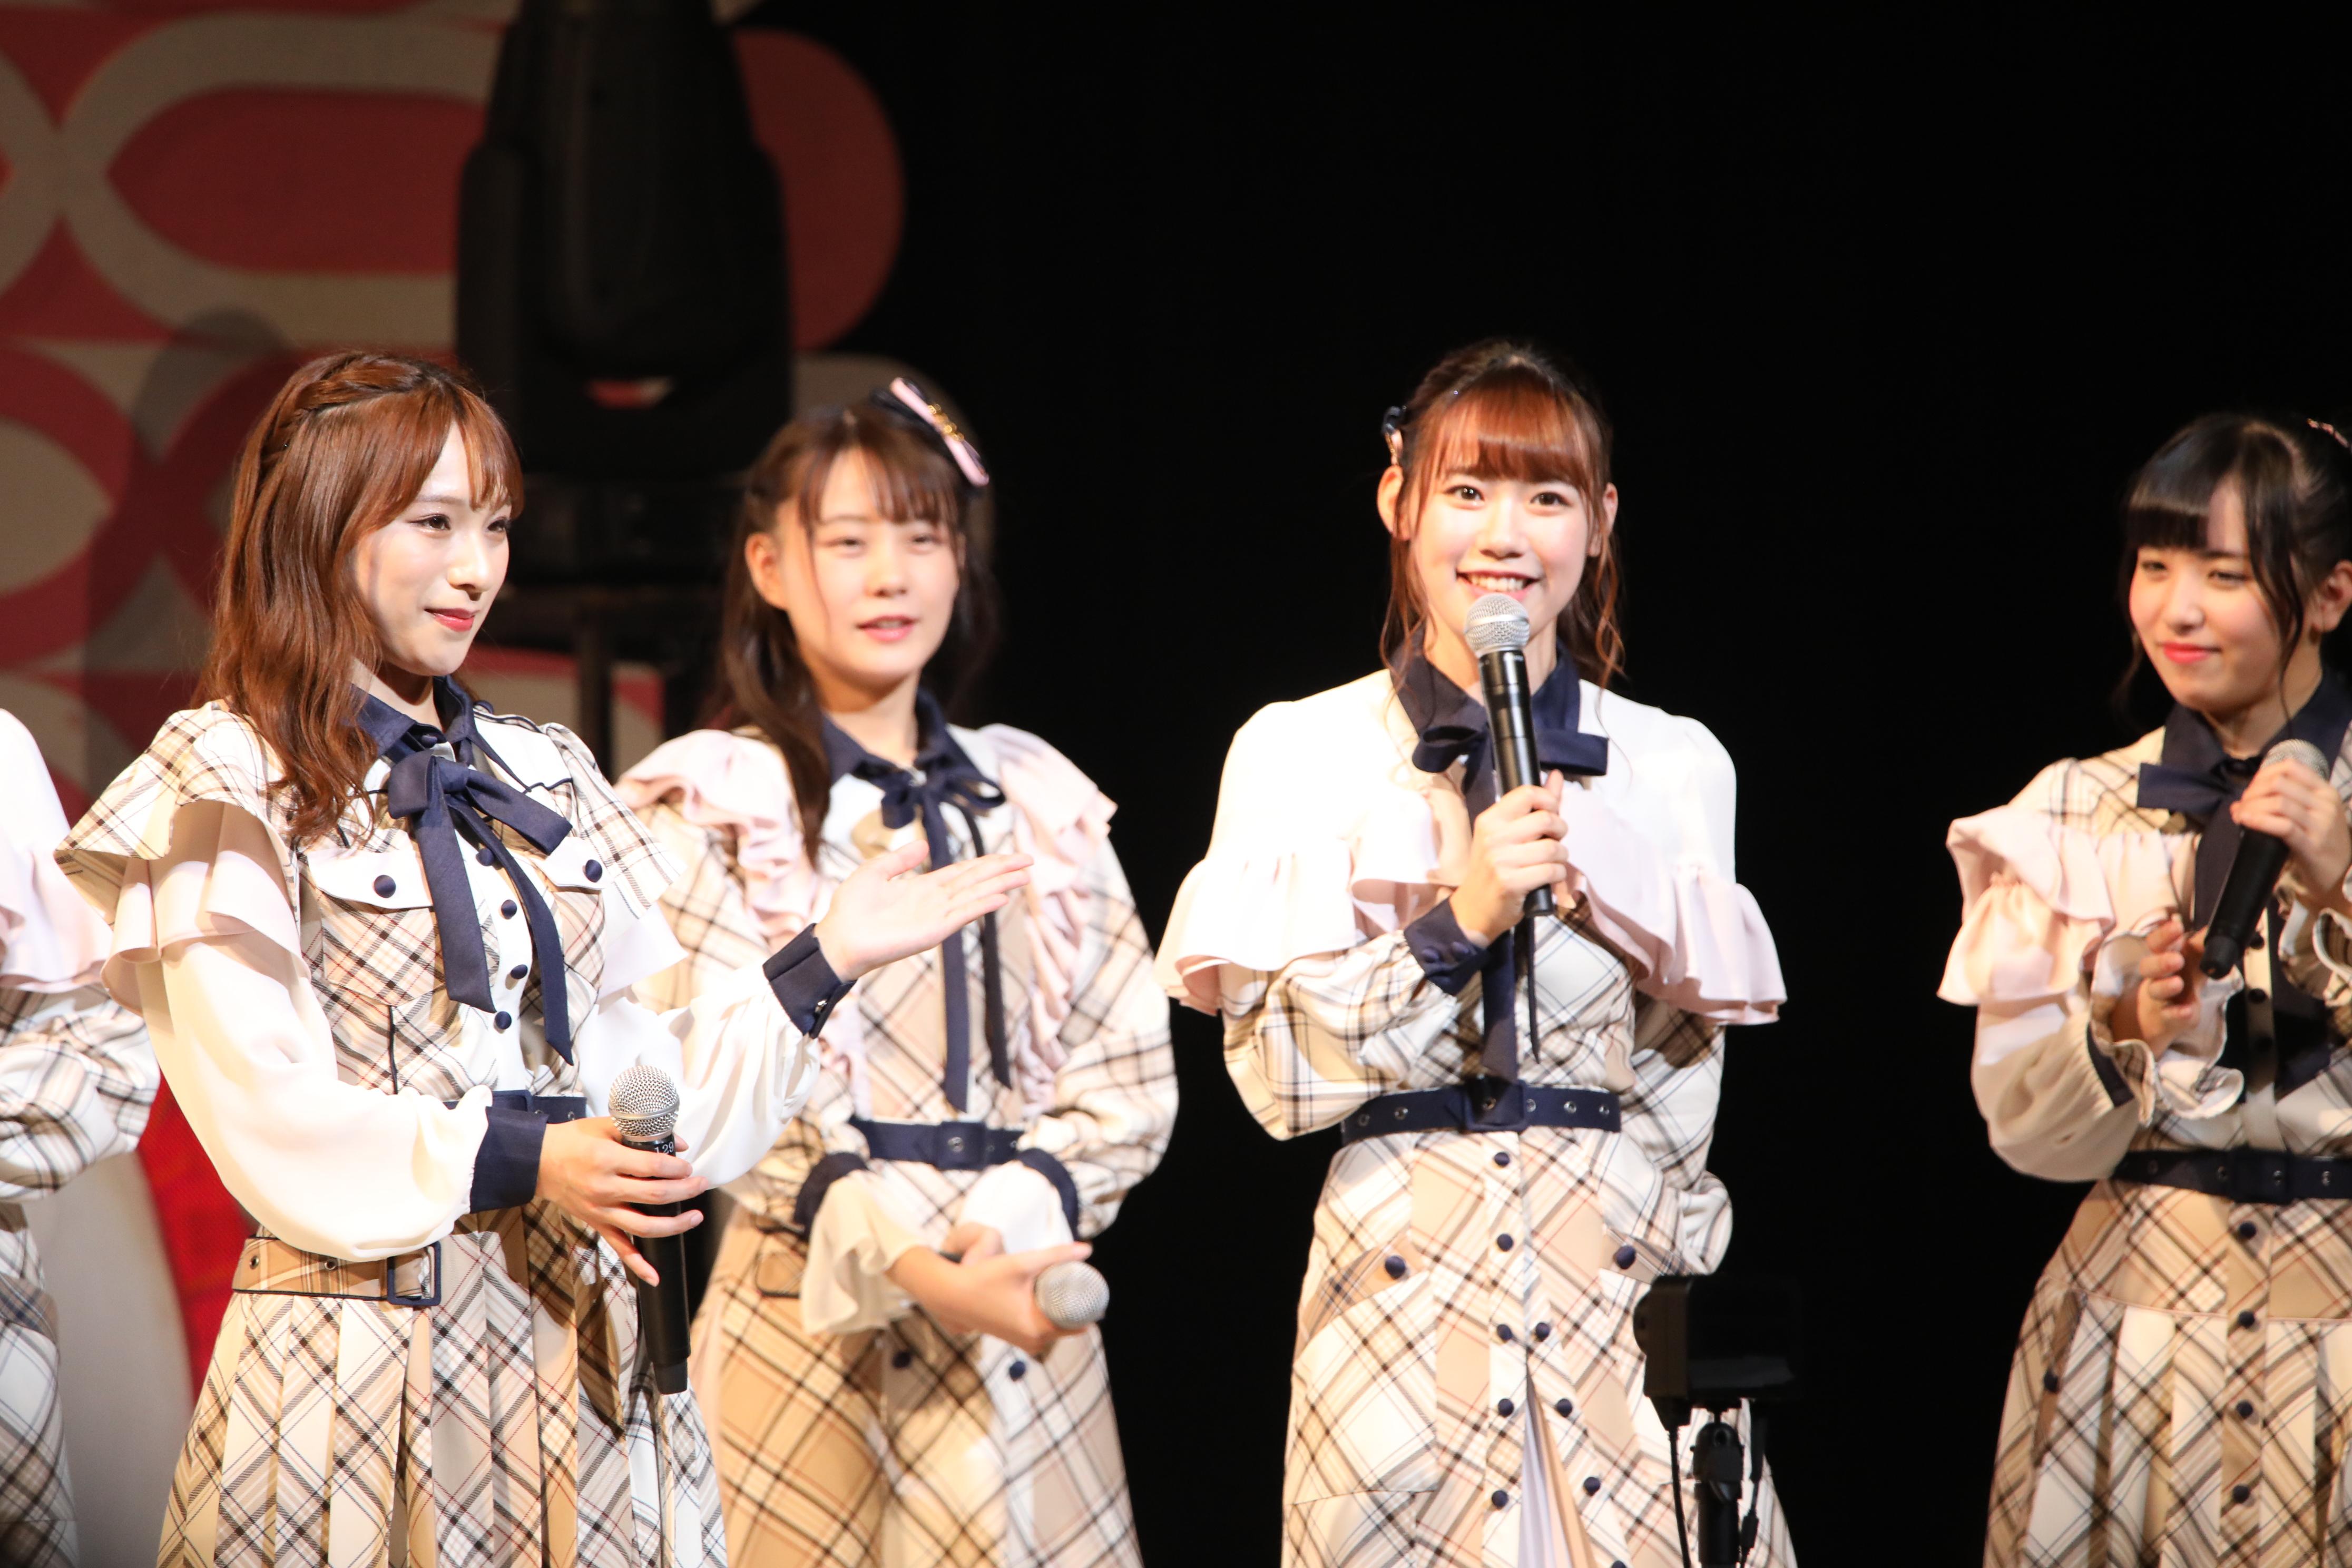 服部有菜(右から2番目)